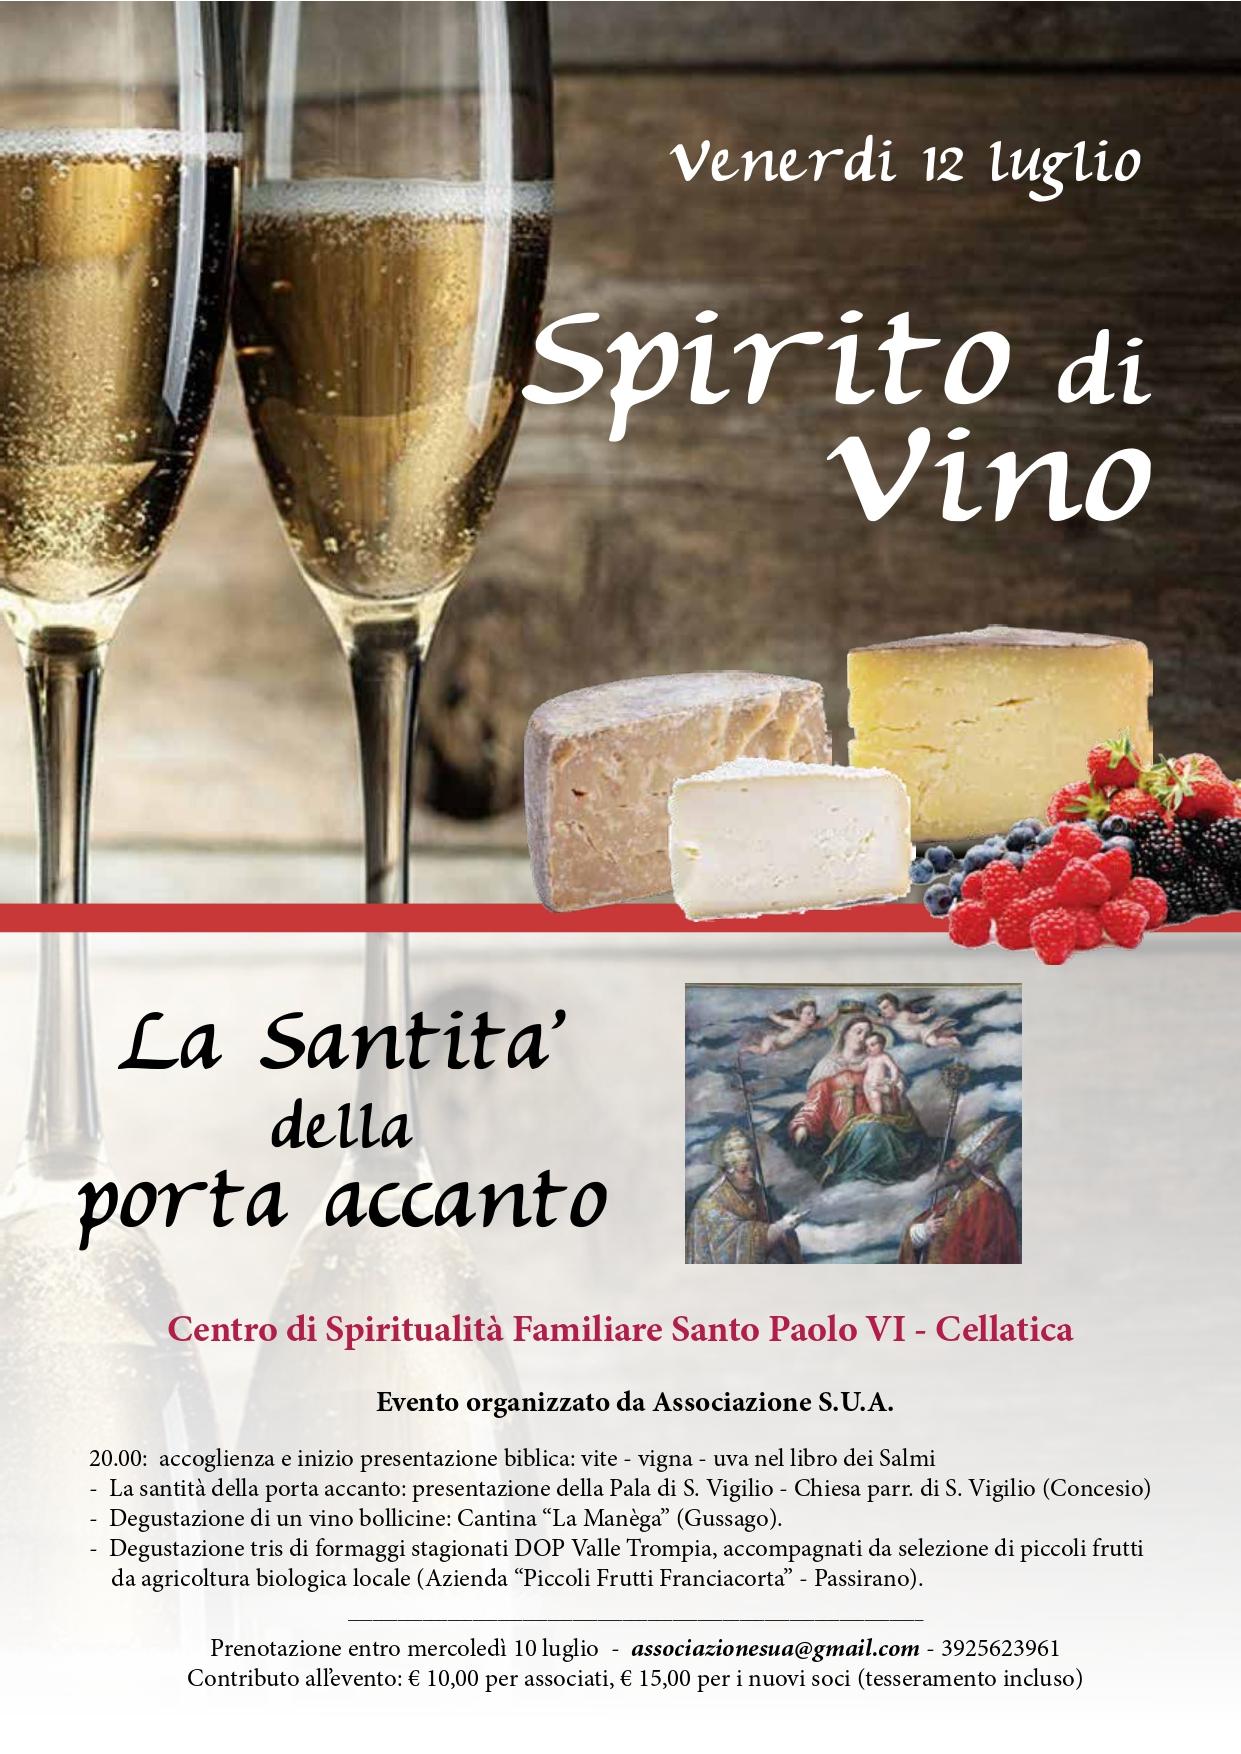 Spirito di Vino 12 luglio 2019web_page-0001